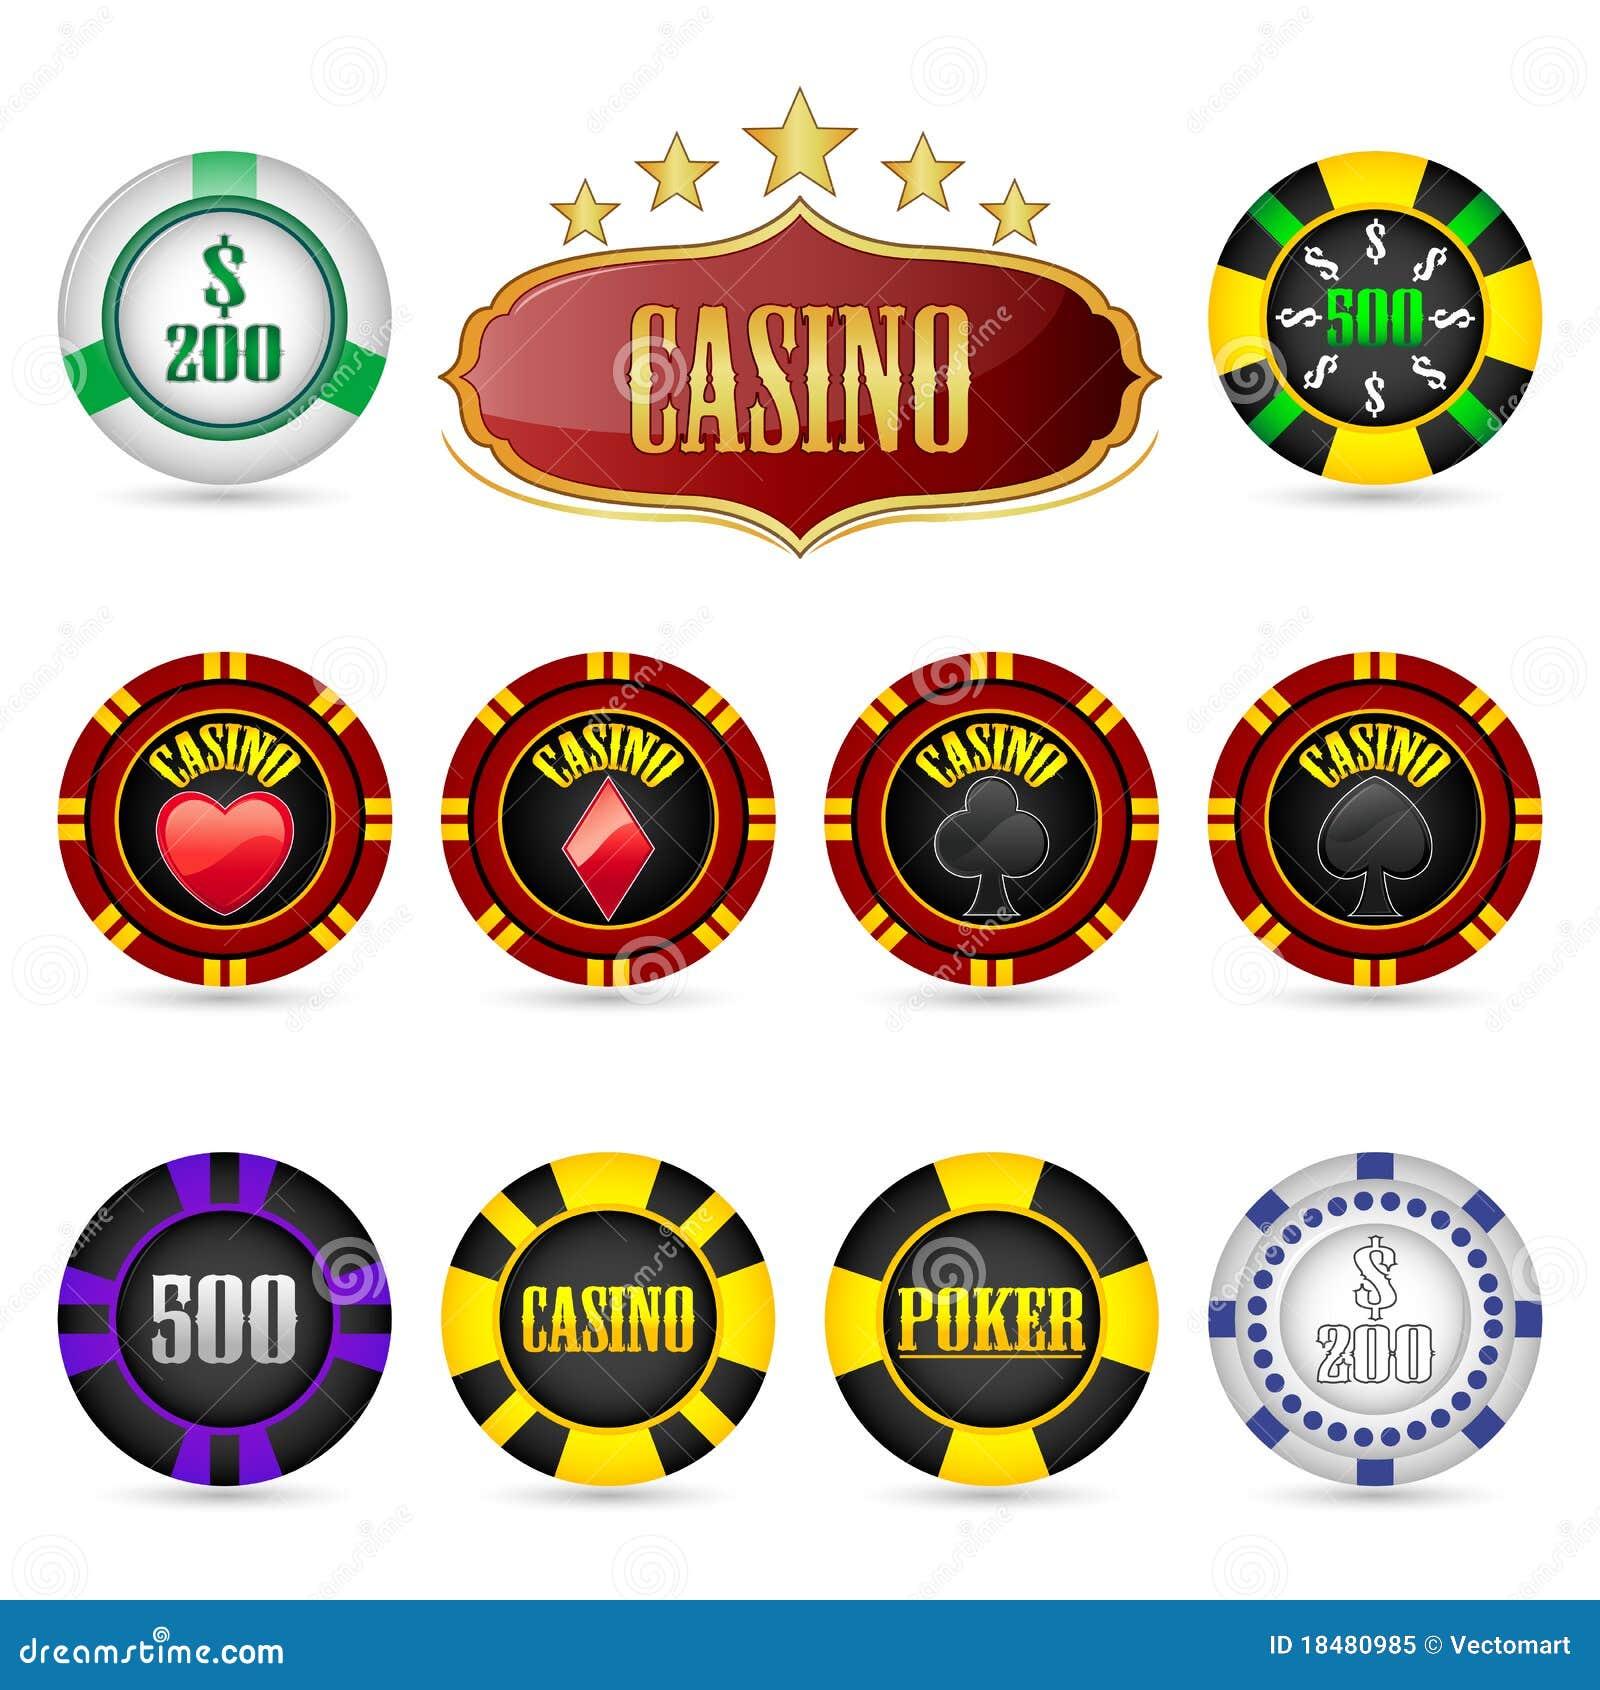 Tanque Disparando Ficha De Casino